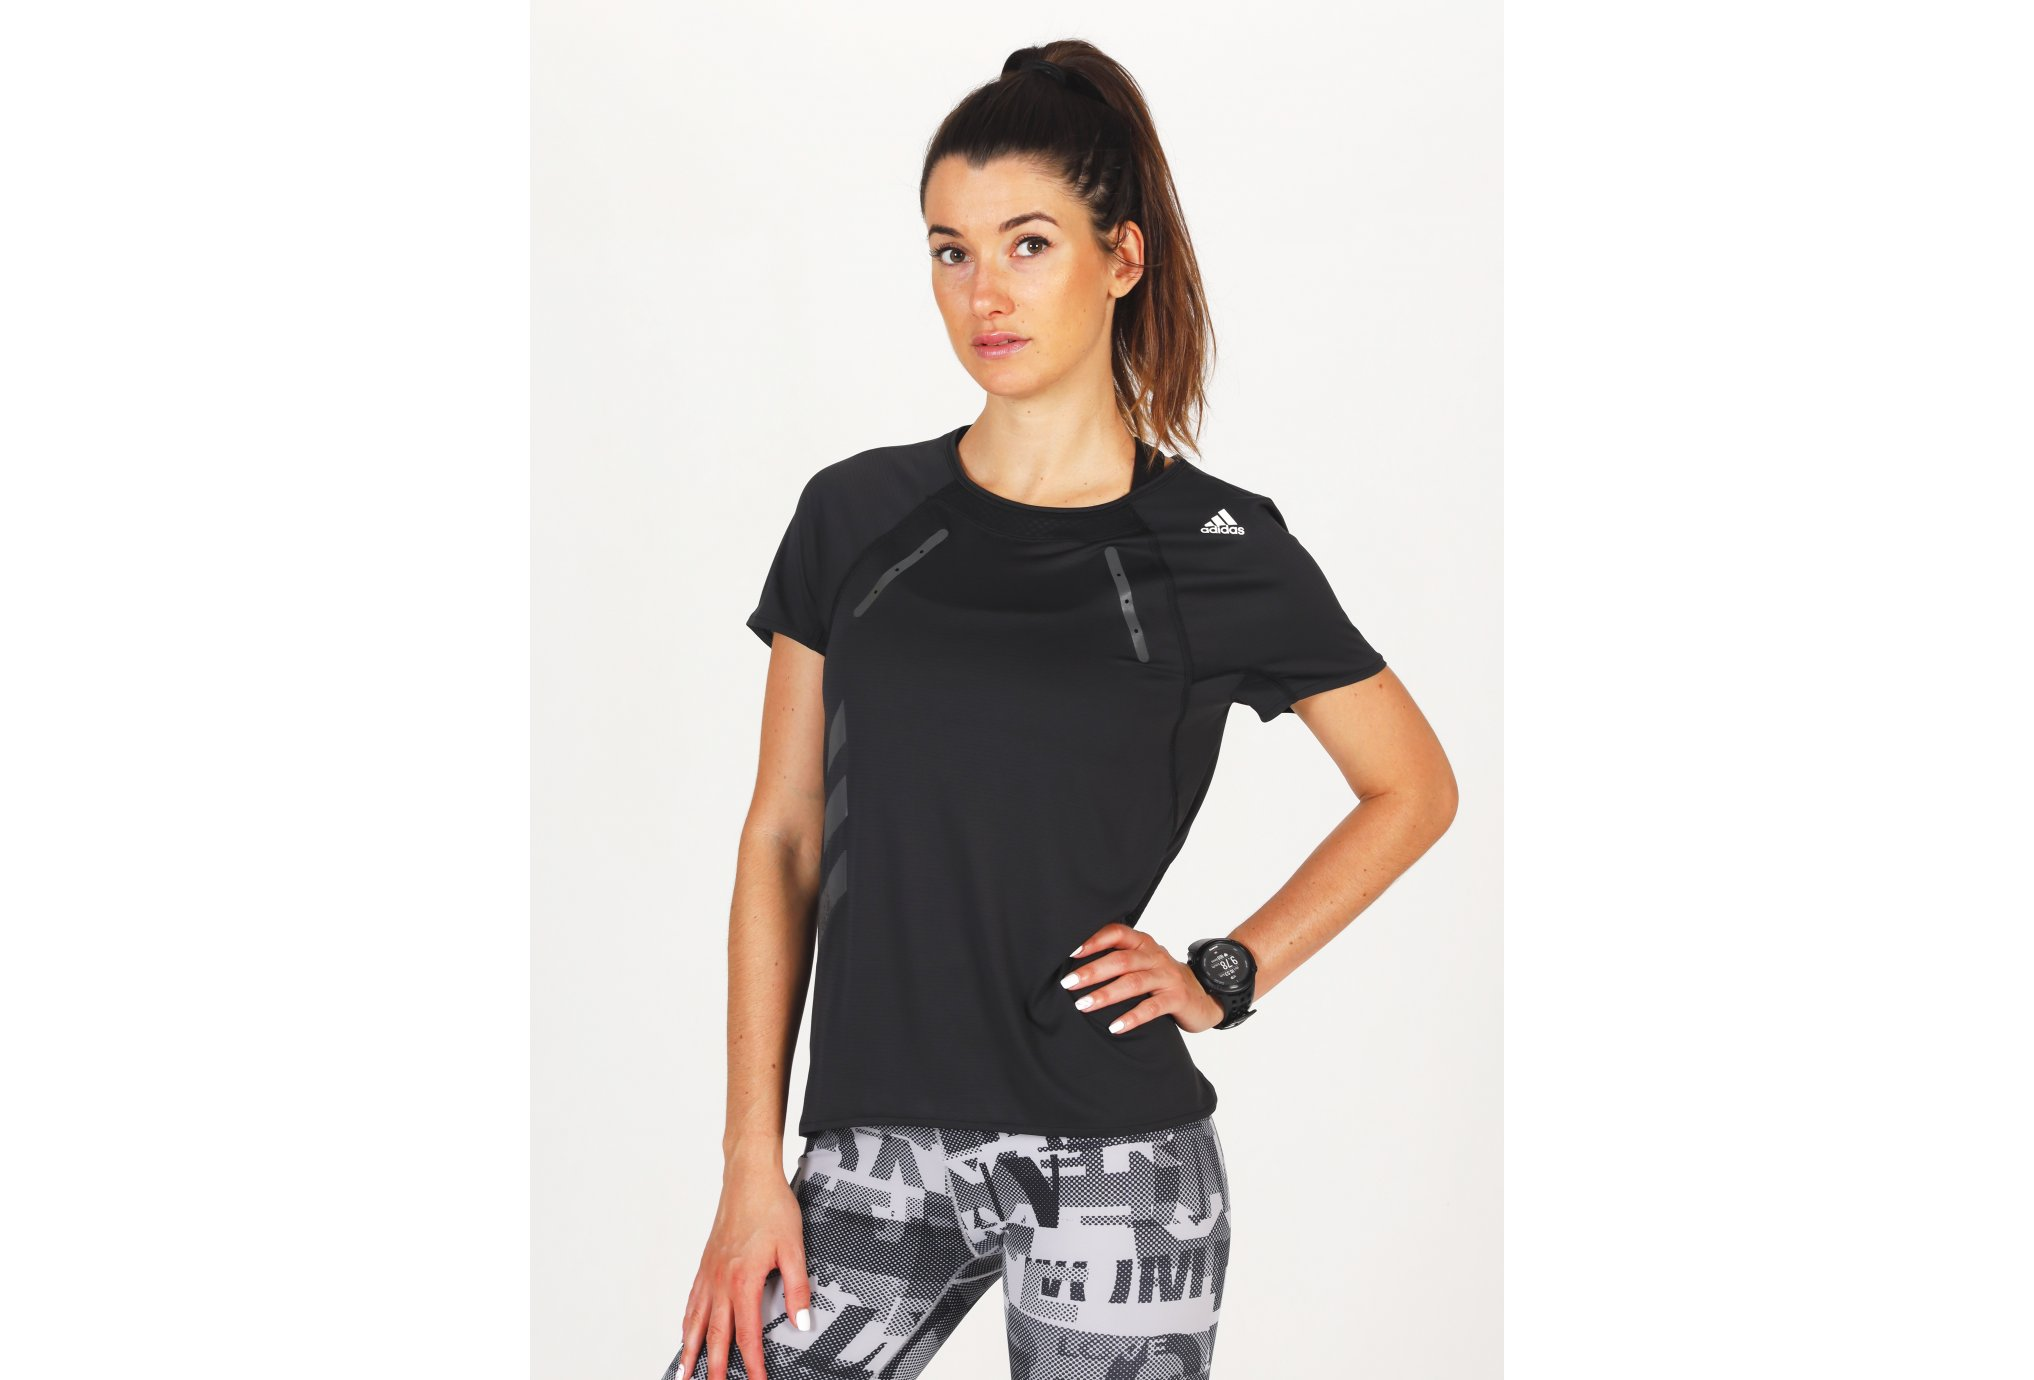 adidas HEAT.RDY W vêtement running femme